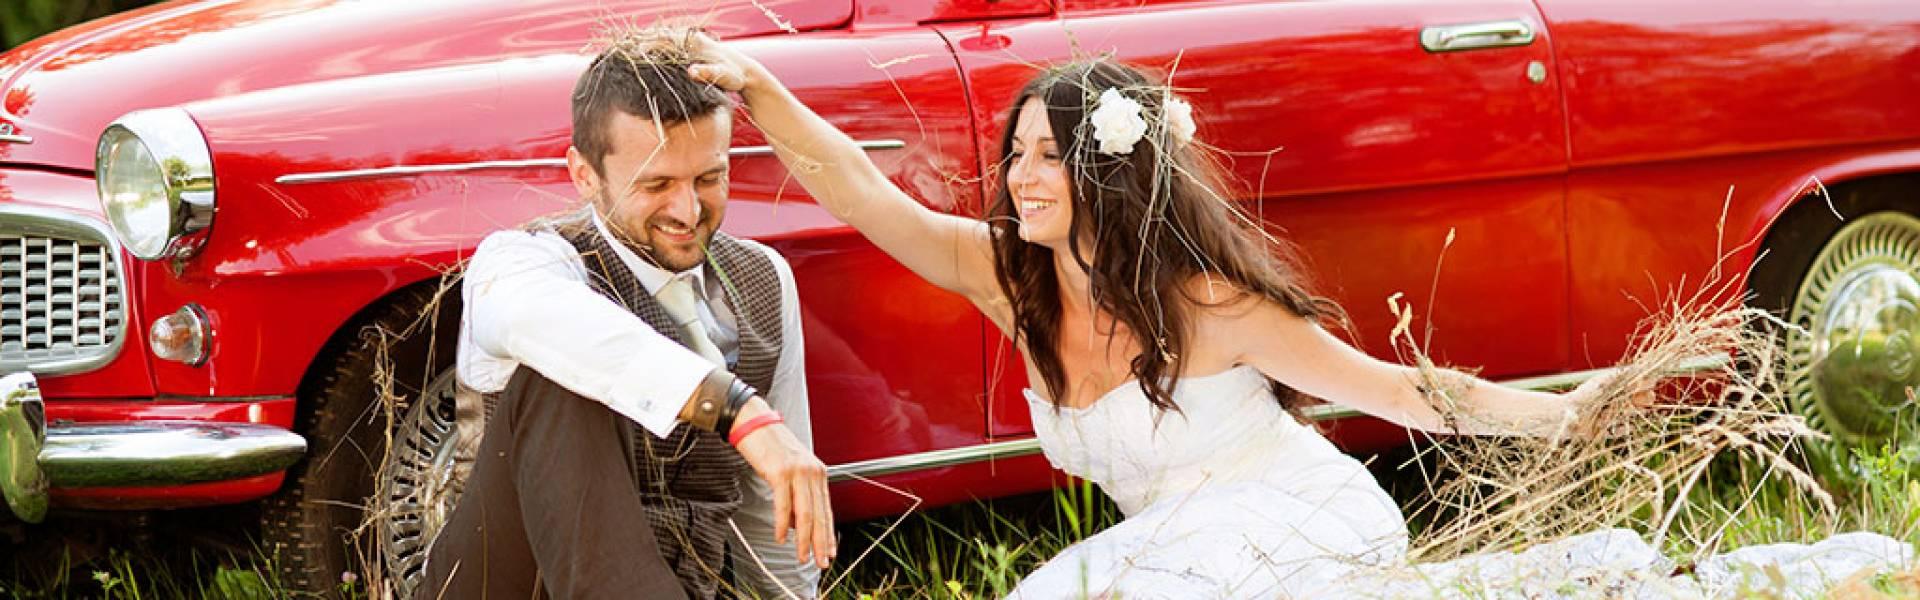 3aeb34f0a9c0 Prenájom svadobného auta v Žiline - BookAclassic